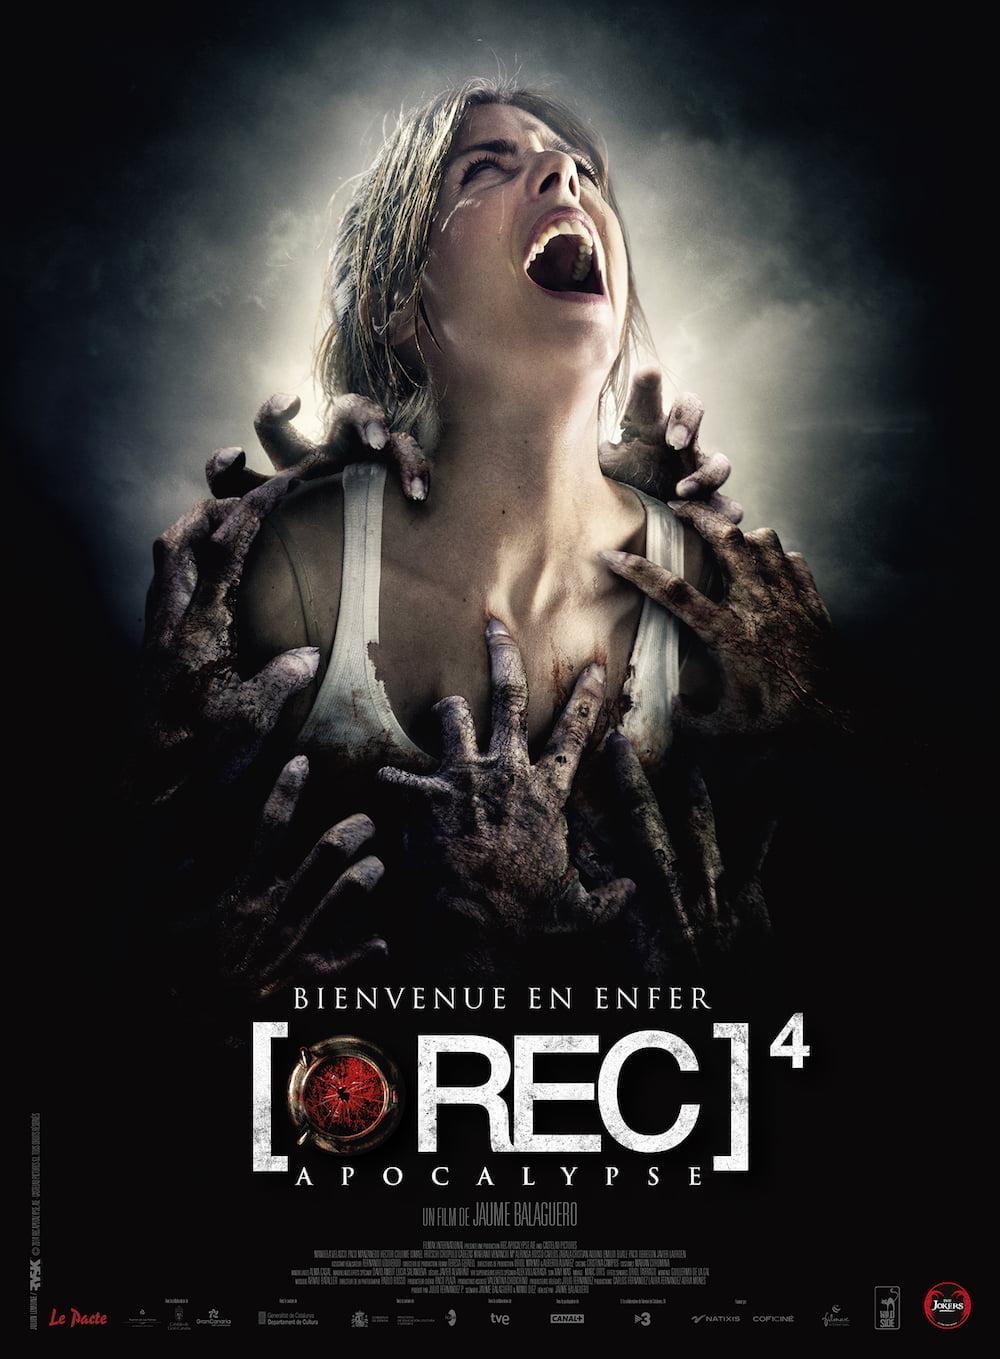 affiche de [Rec] 4 Apocalypse